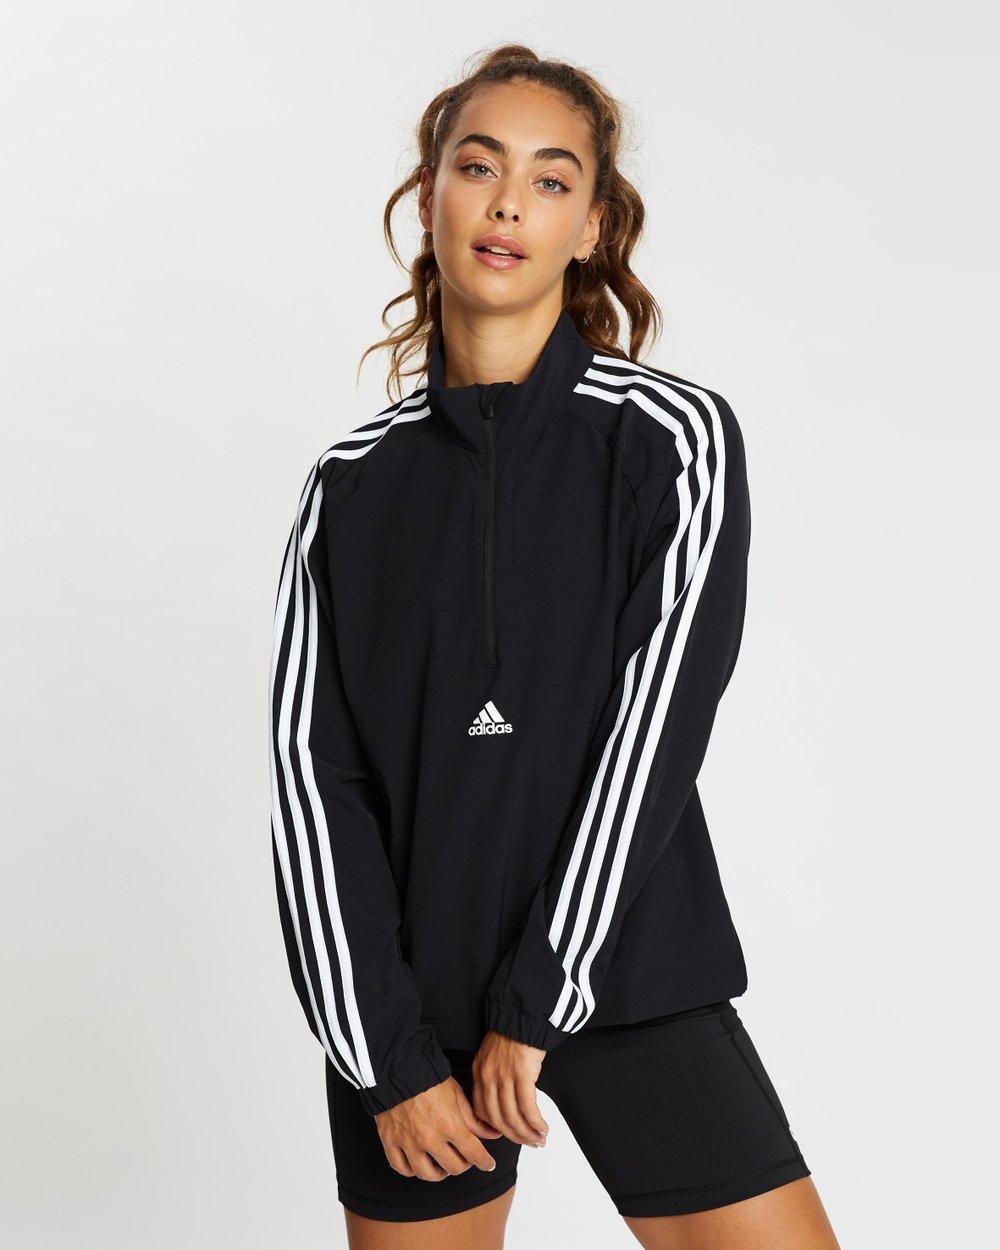 sílaba Desconexión Mendicidad  3-Stripes Cover-Up Jacket by adidas Performance Online | Aljadid | Australia